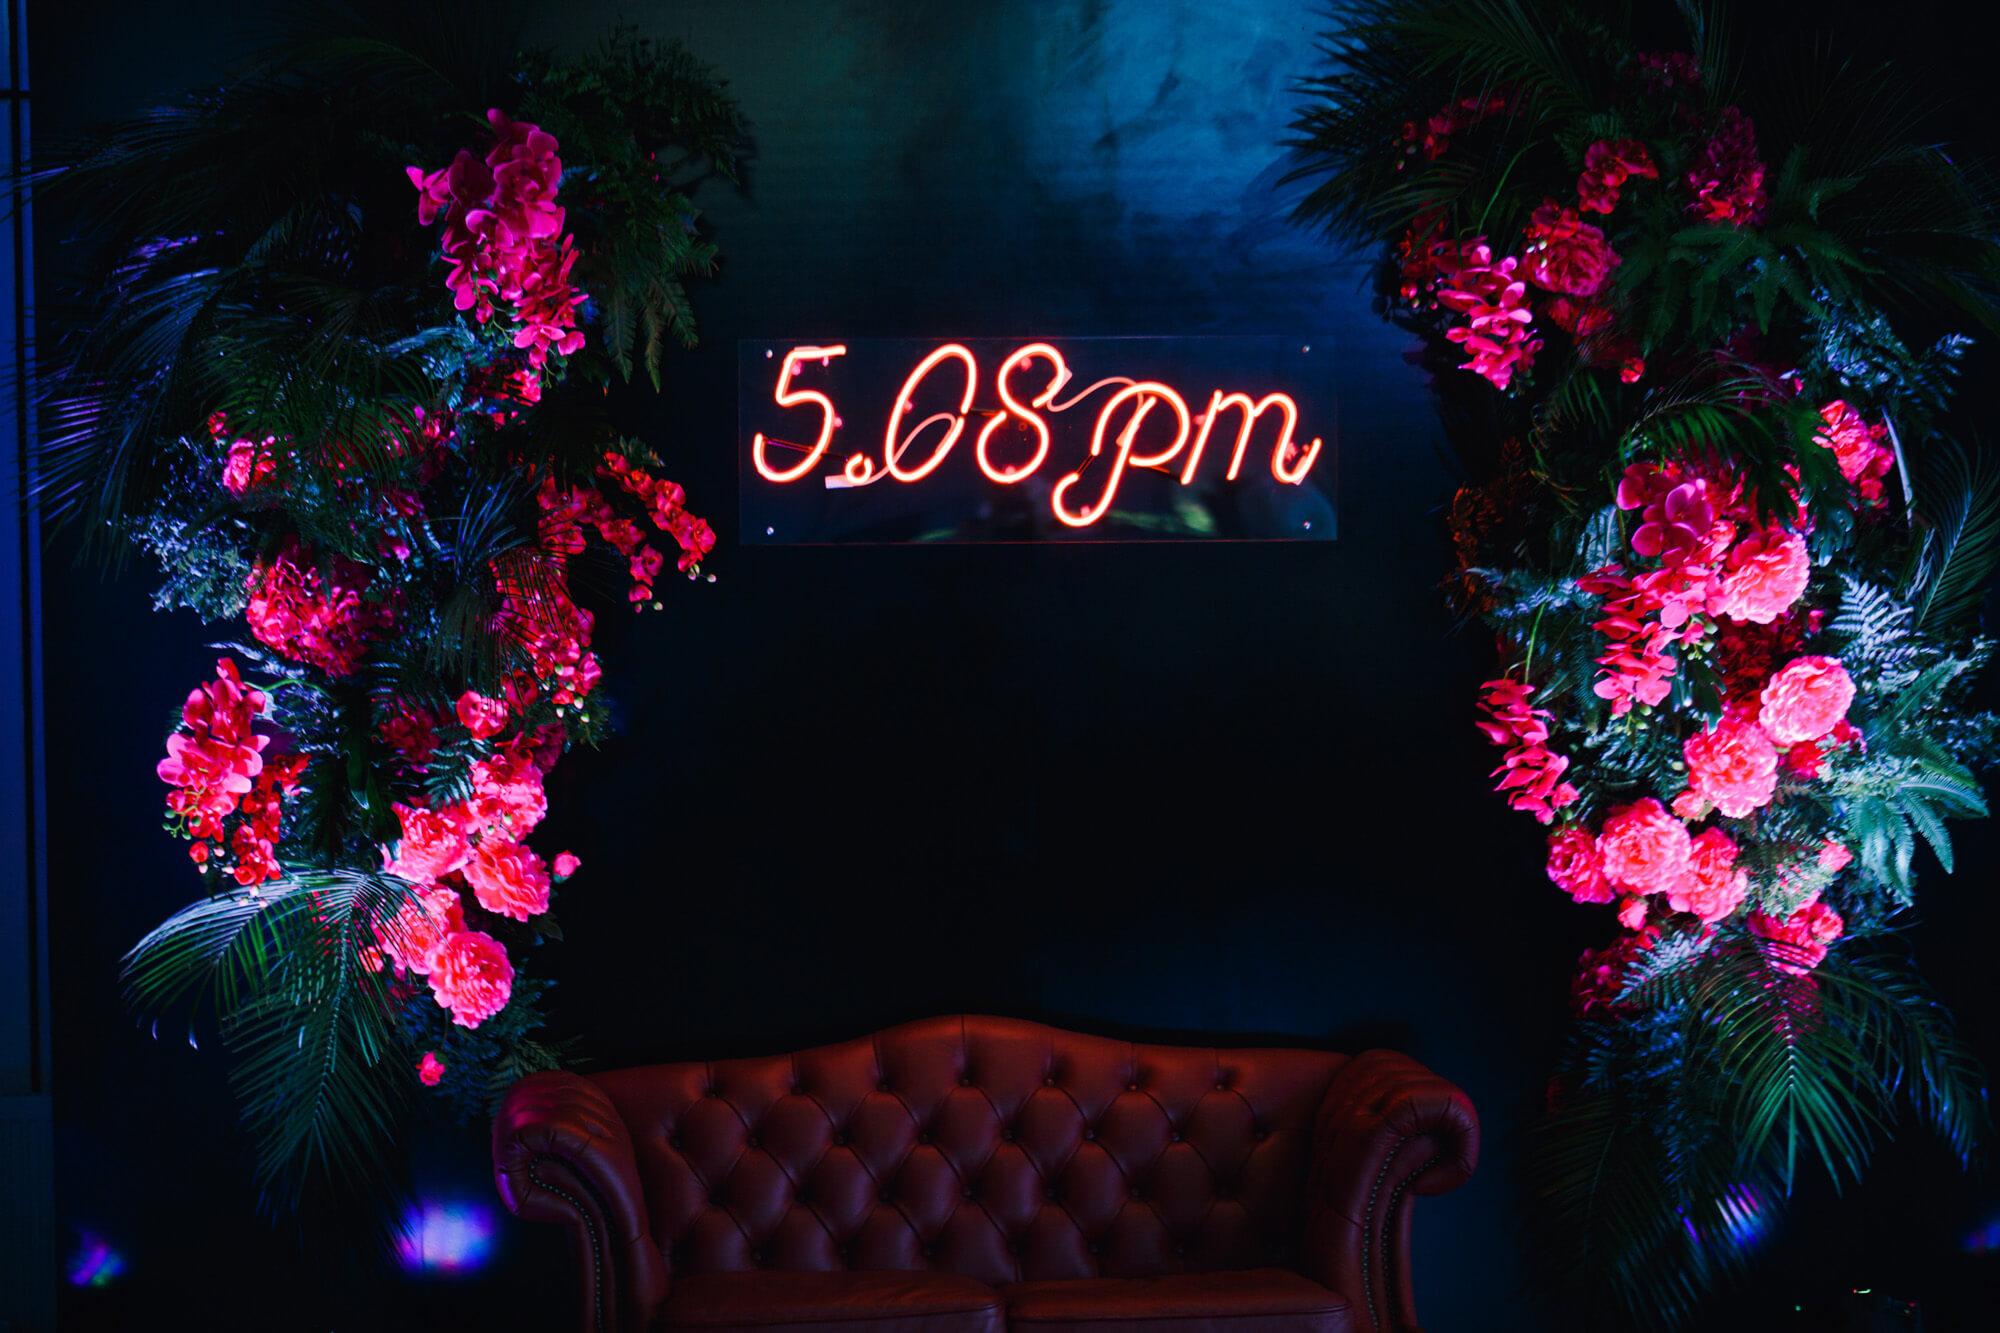 Фотозона. Неоновая свадьба. Неон. BM WEDDINGS & EVENTS.